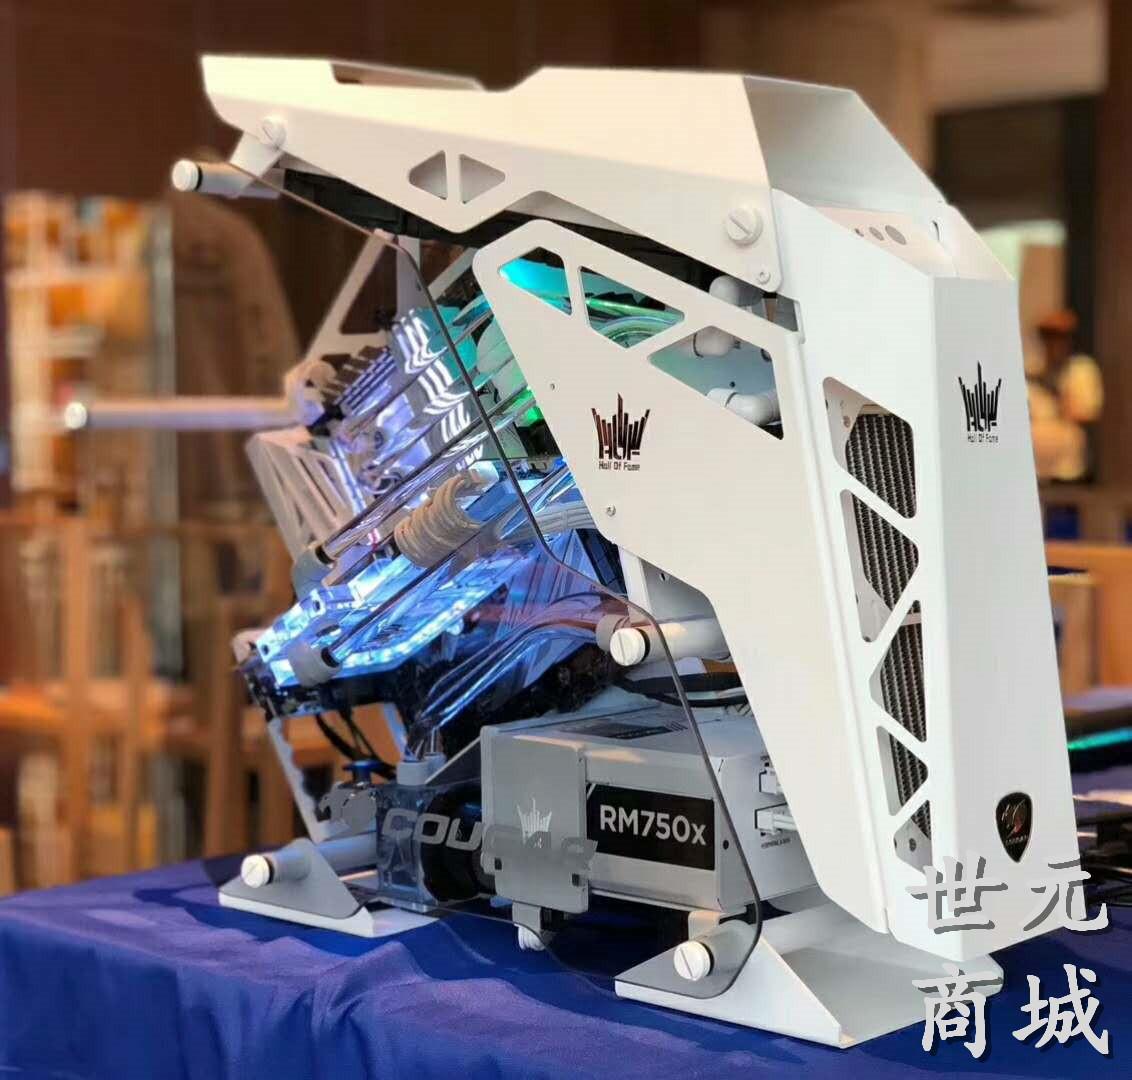 骨伽征服者 白i7八核9700K设计做图游戏电脑台式组装主机Z390独显